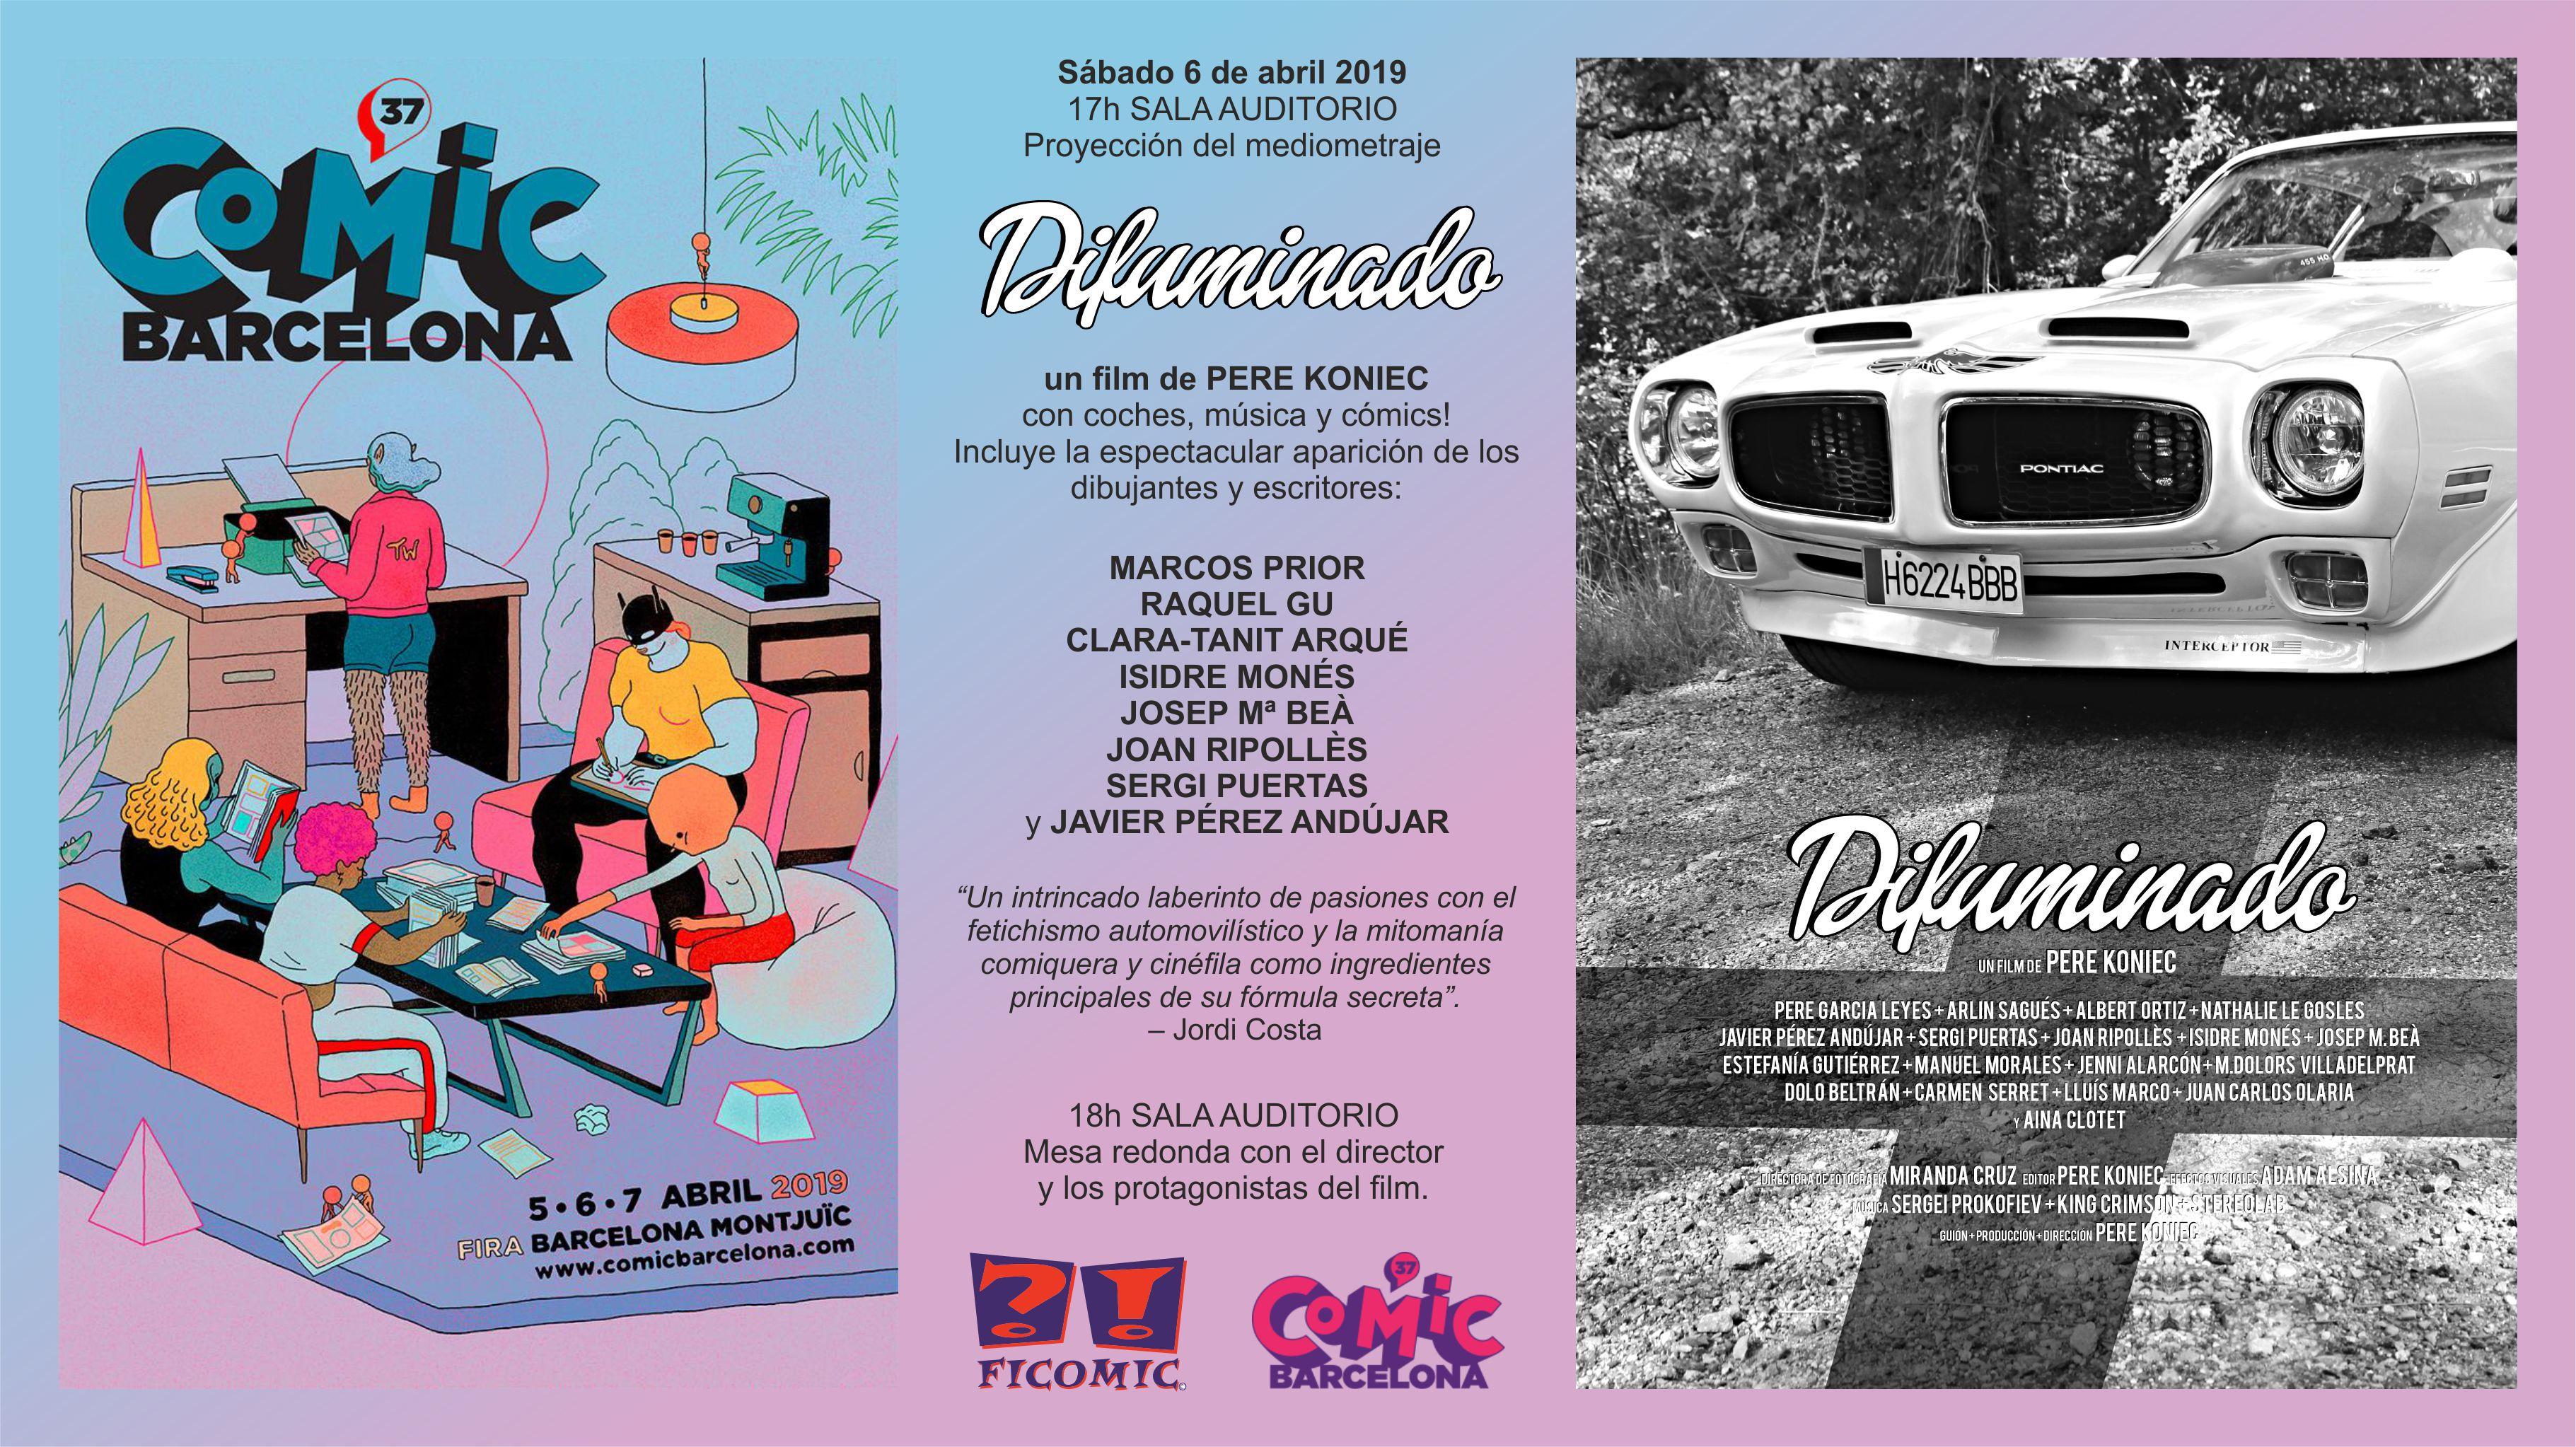 """Projecció del film """"Difuminado"""" al Saló del Còmic de Barcelona"""